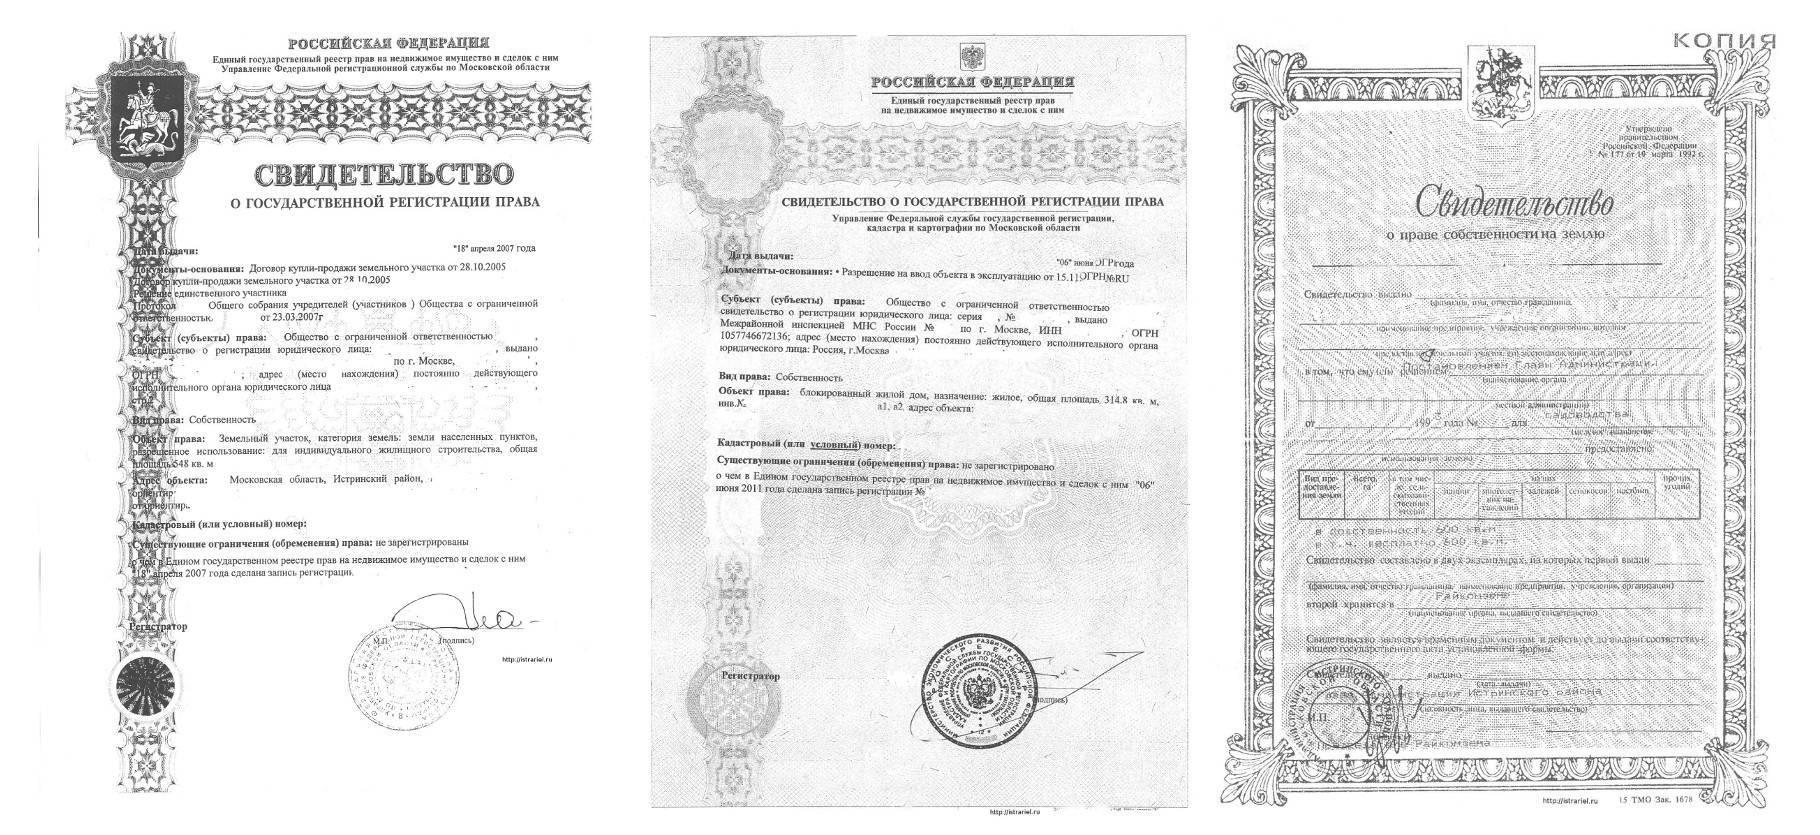 Нужно ли делать межевание если есть свидетельство о собственности. uristtop.ru